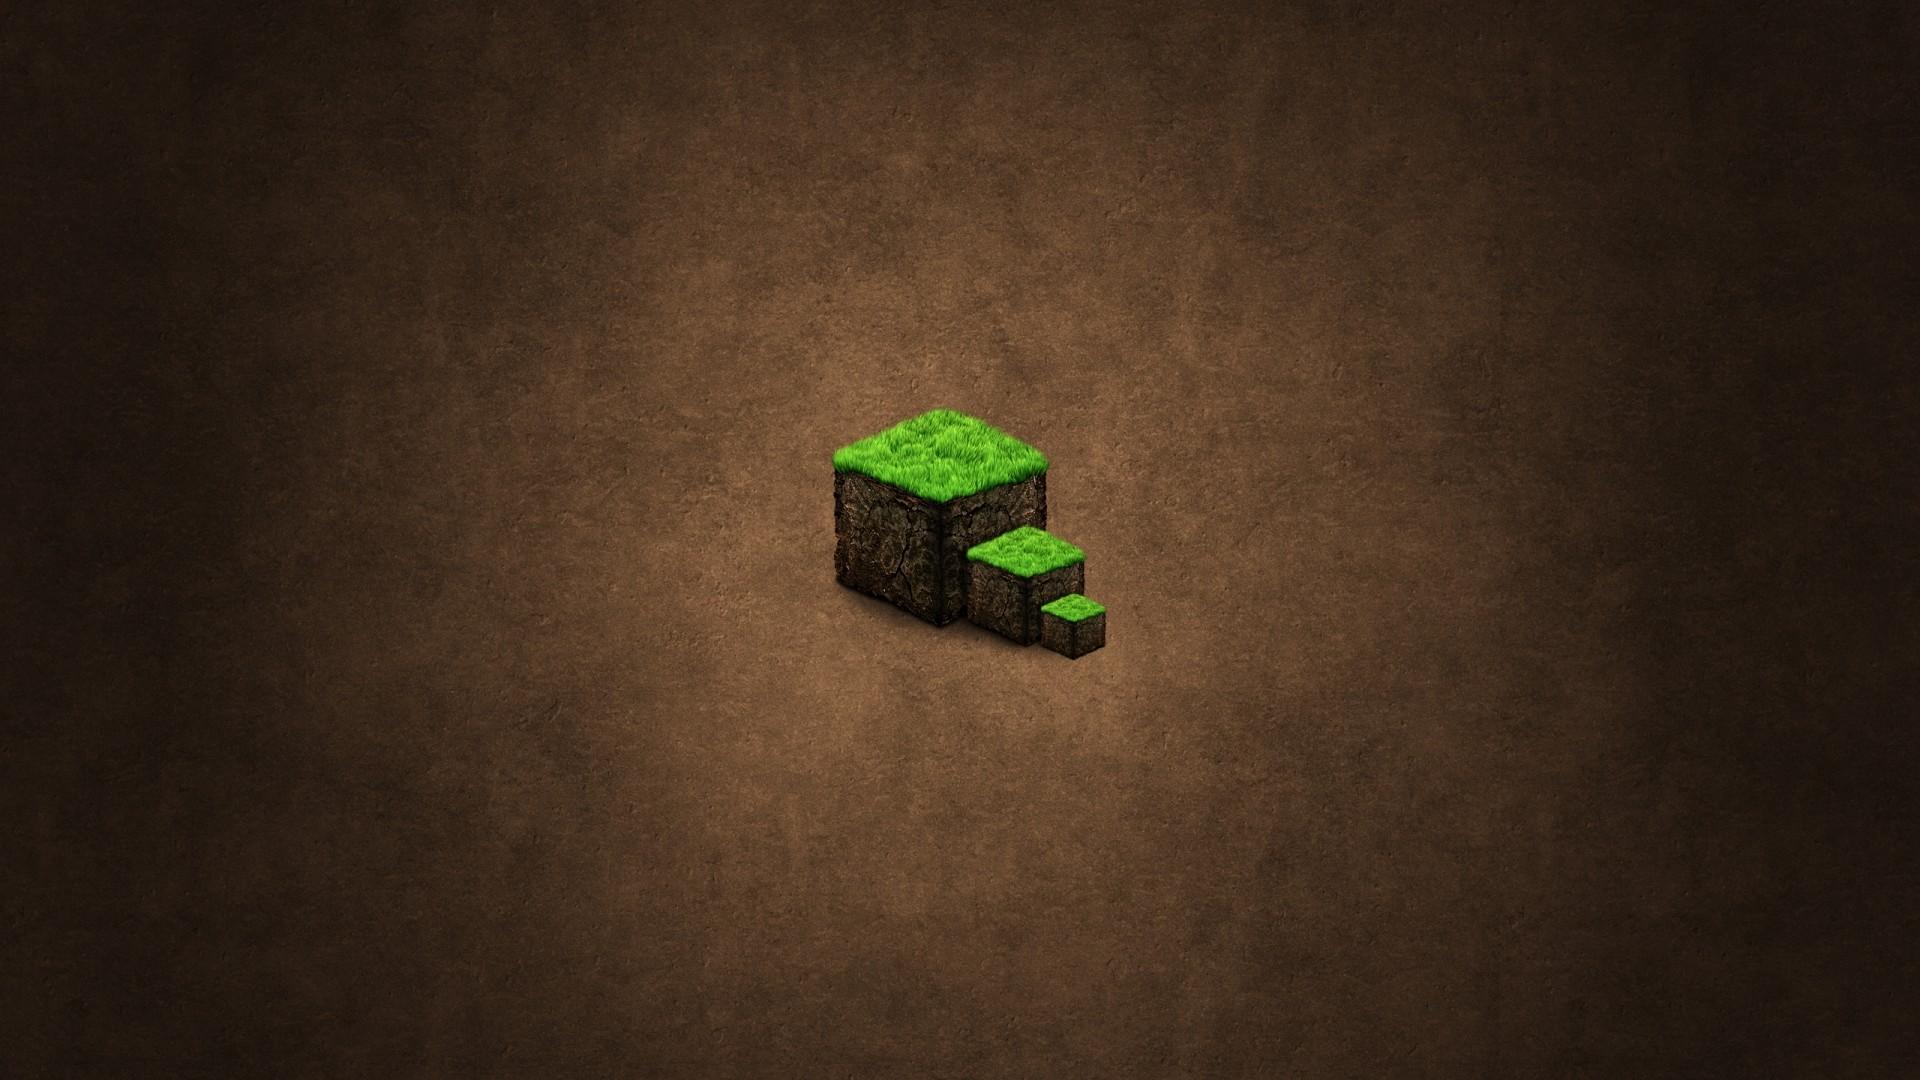 Res: 1920x1080, minecraft, ground, background